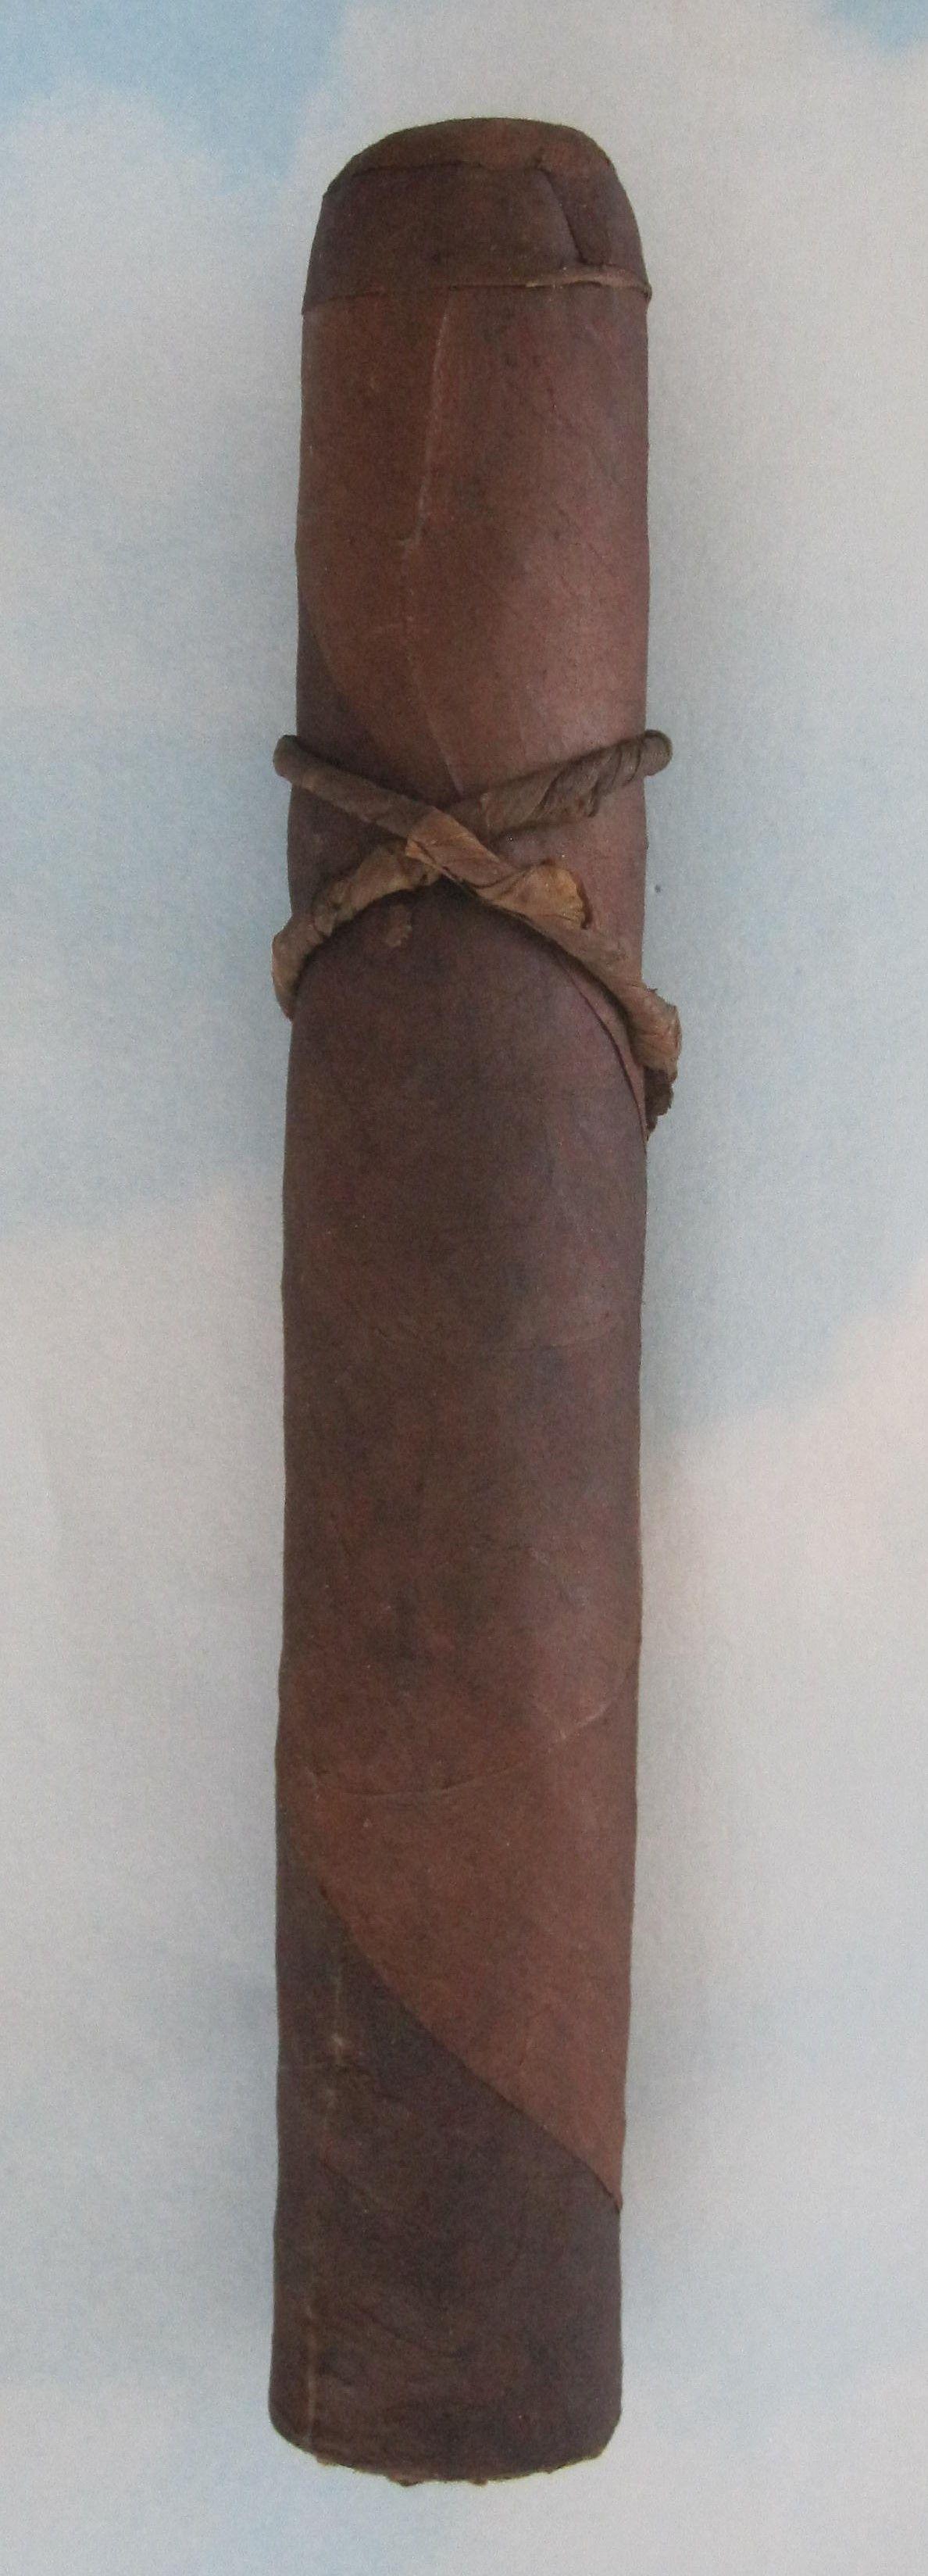 CAO Fuma Em Corda Cigar